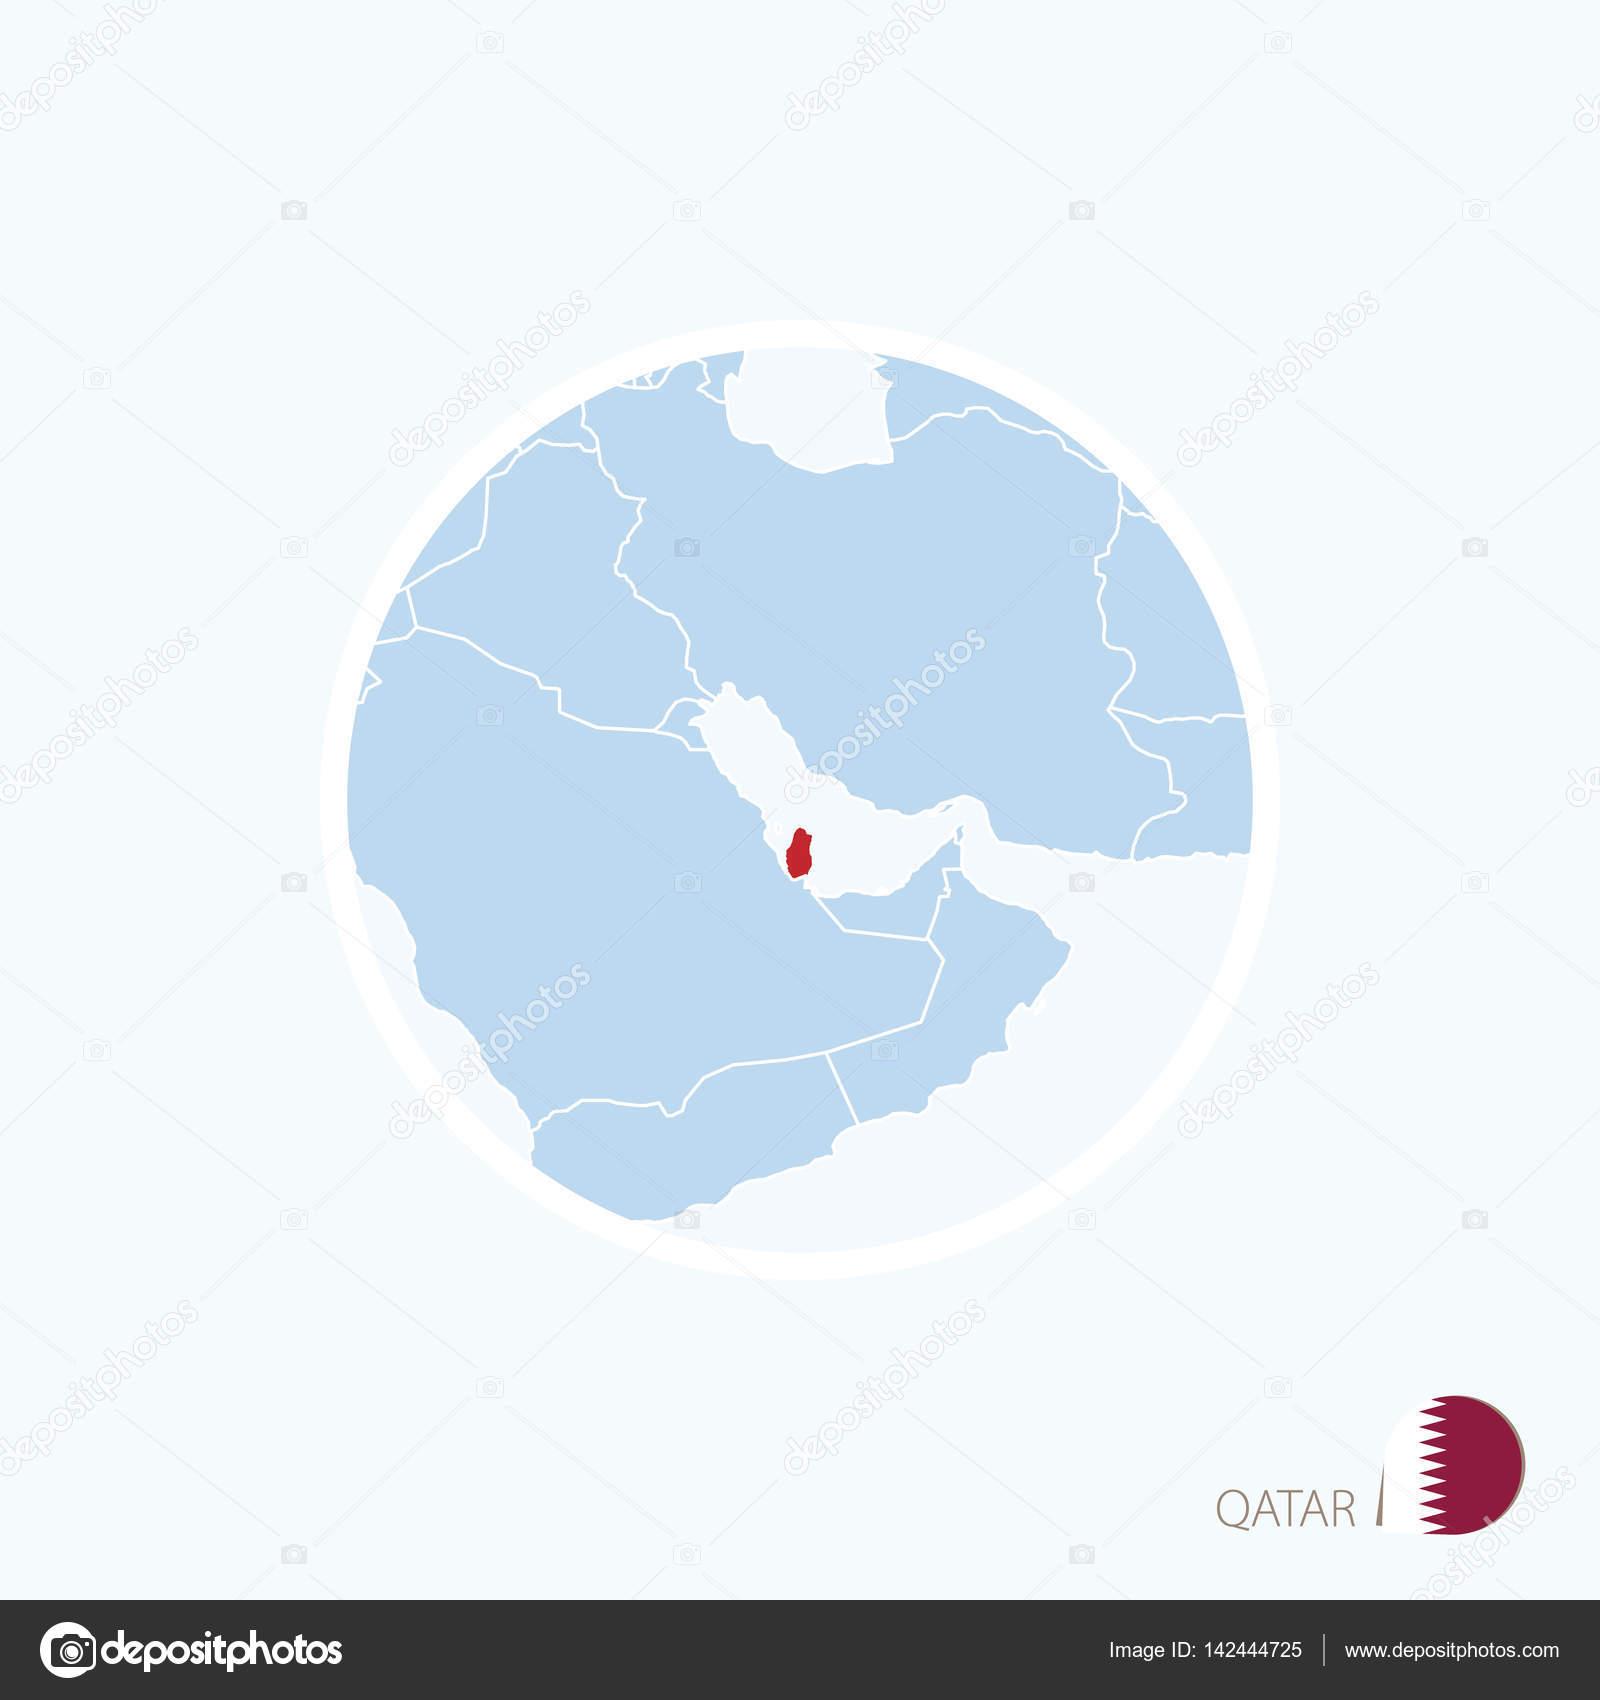 Kartikon Av Qatar Bla Karta Over Mellanostern Med Markerade Qatar